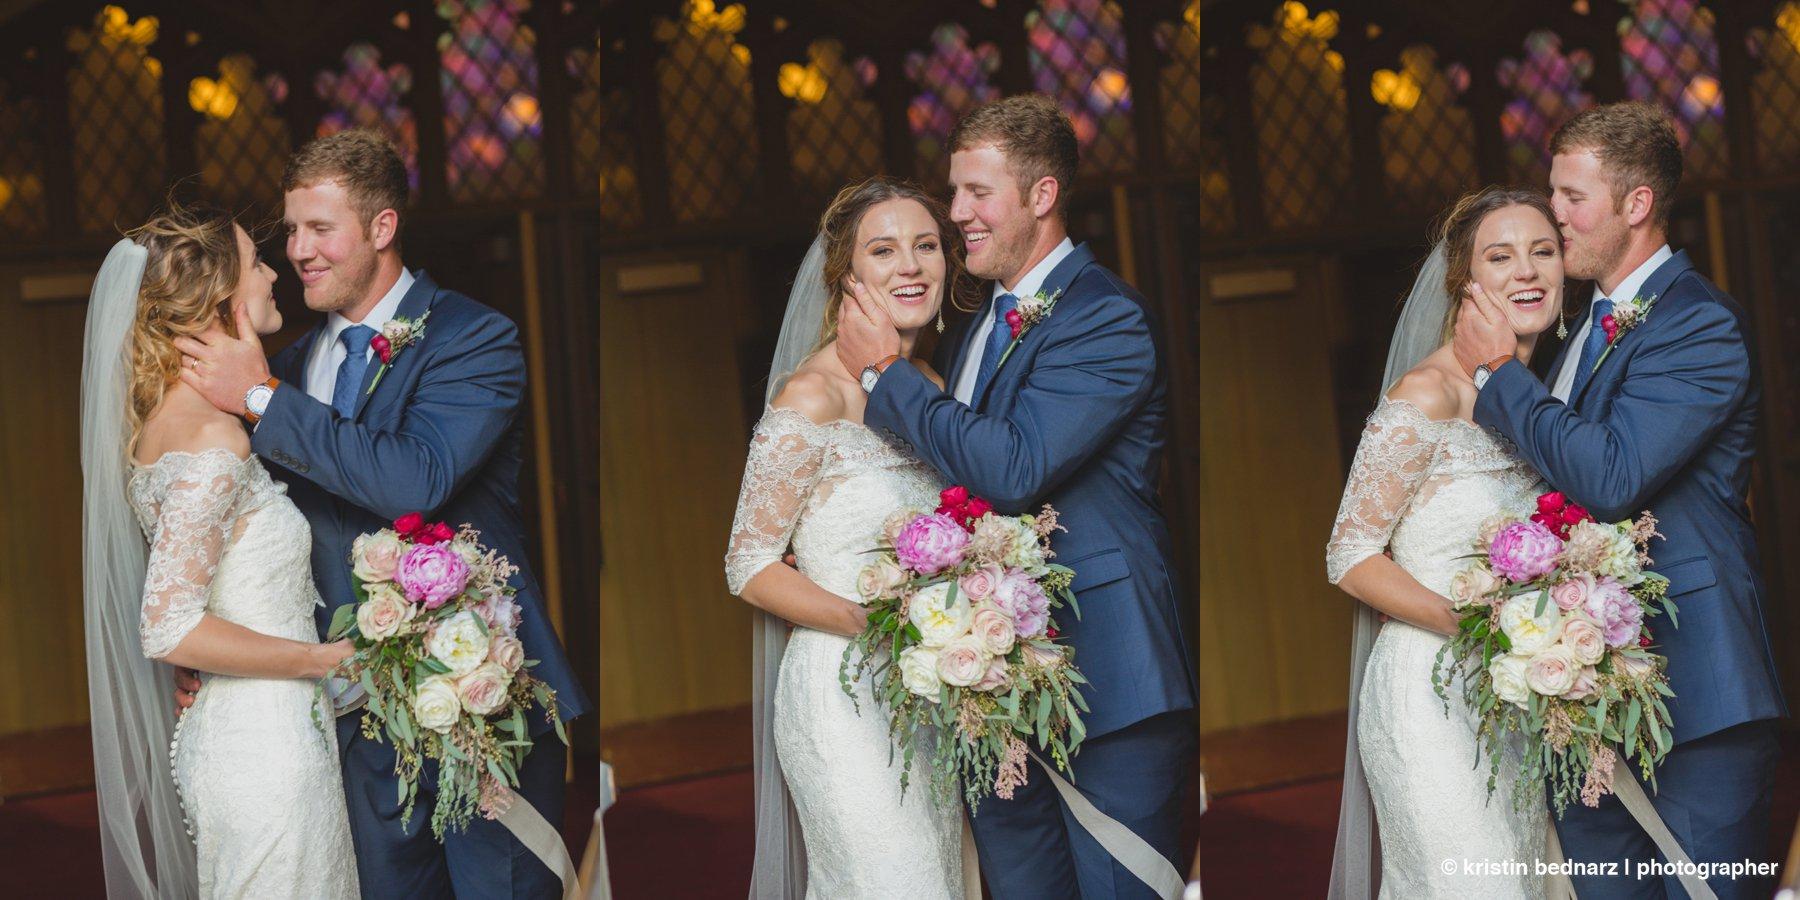 Krisitin_Bednarz_Lubbock_Wedding_Photographer_20180602_0069.JPG